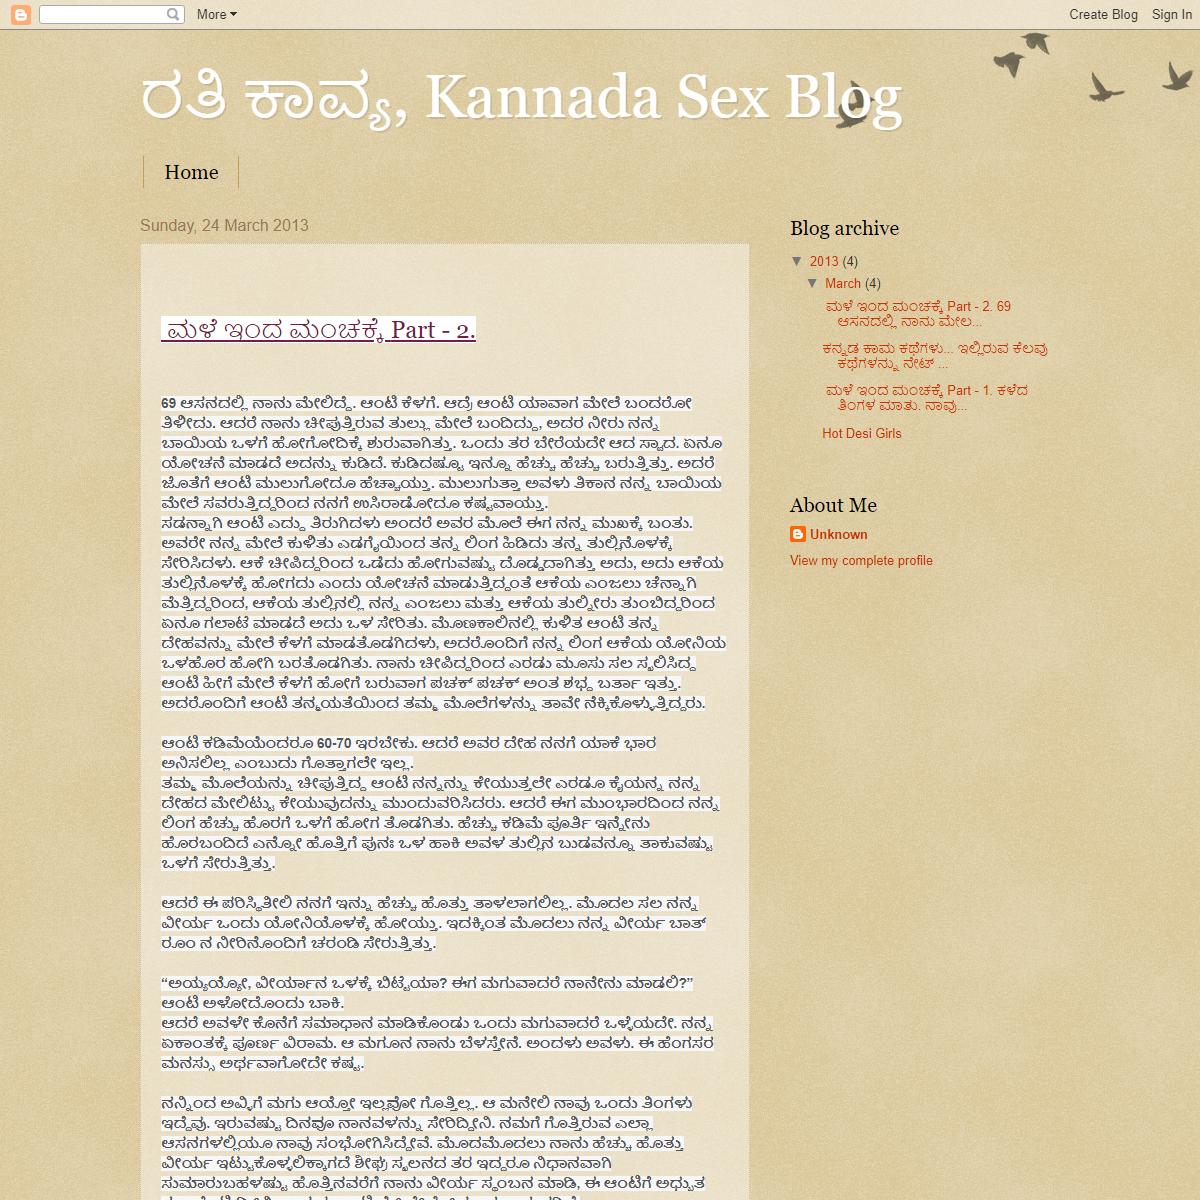 ರತಿ ಕಾವ್ಯ, Kannada Sex Blog